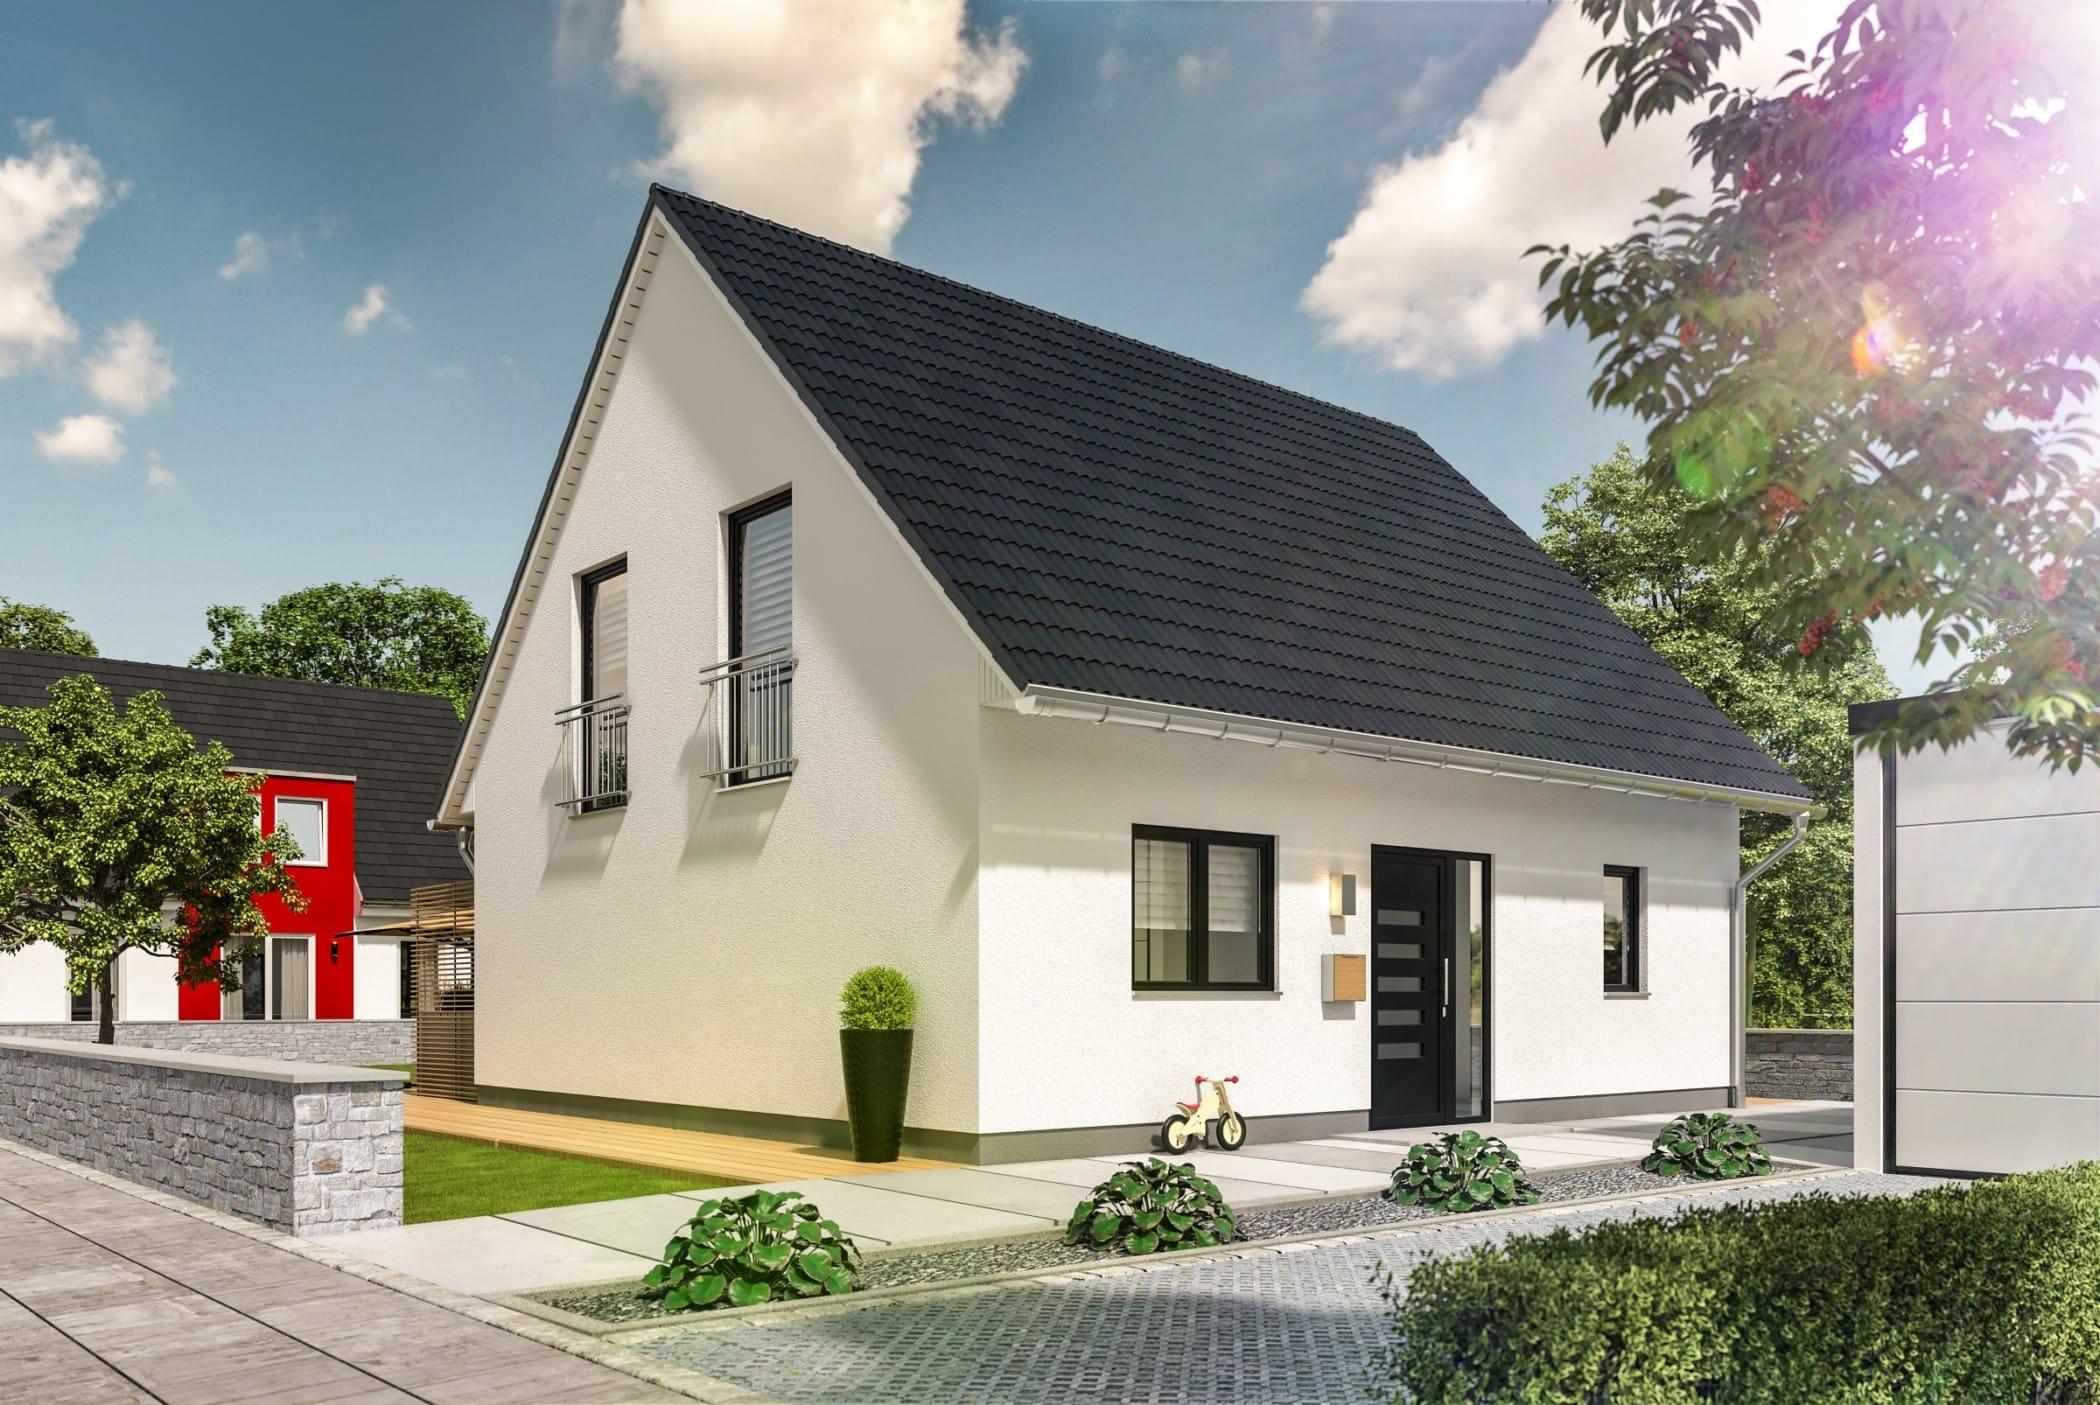 Massivhaus mit Satteldach, 5 Zimmer Grundriss, 125 qm, mit Keller - Town Country Haus Flair 125 Style - HausbauDirekt.de